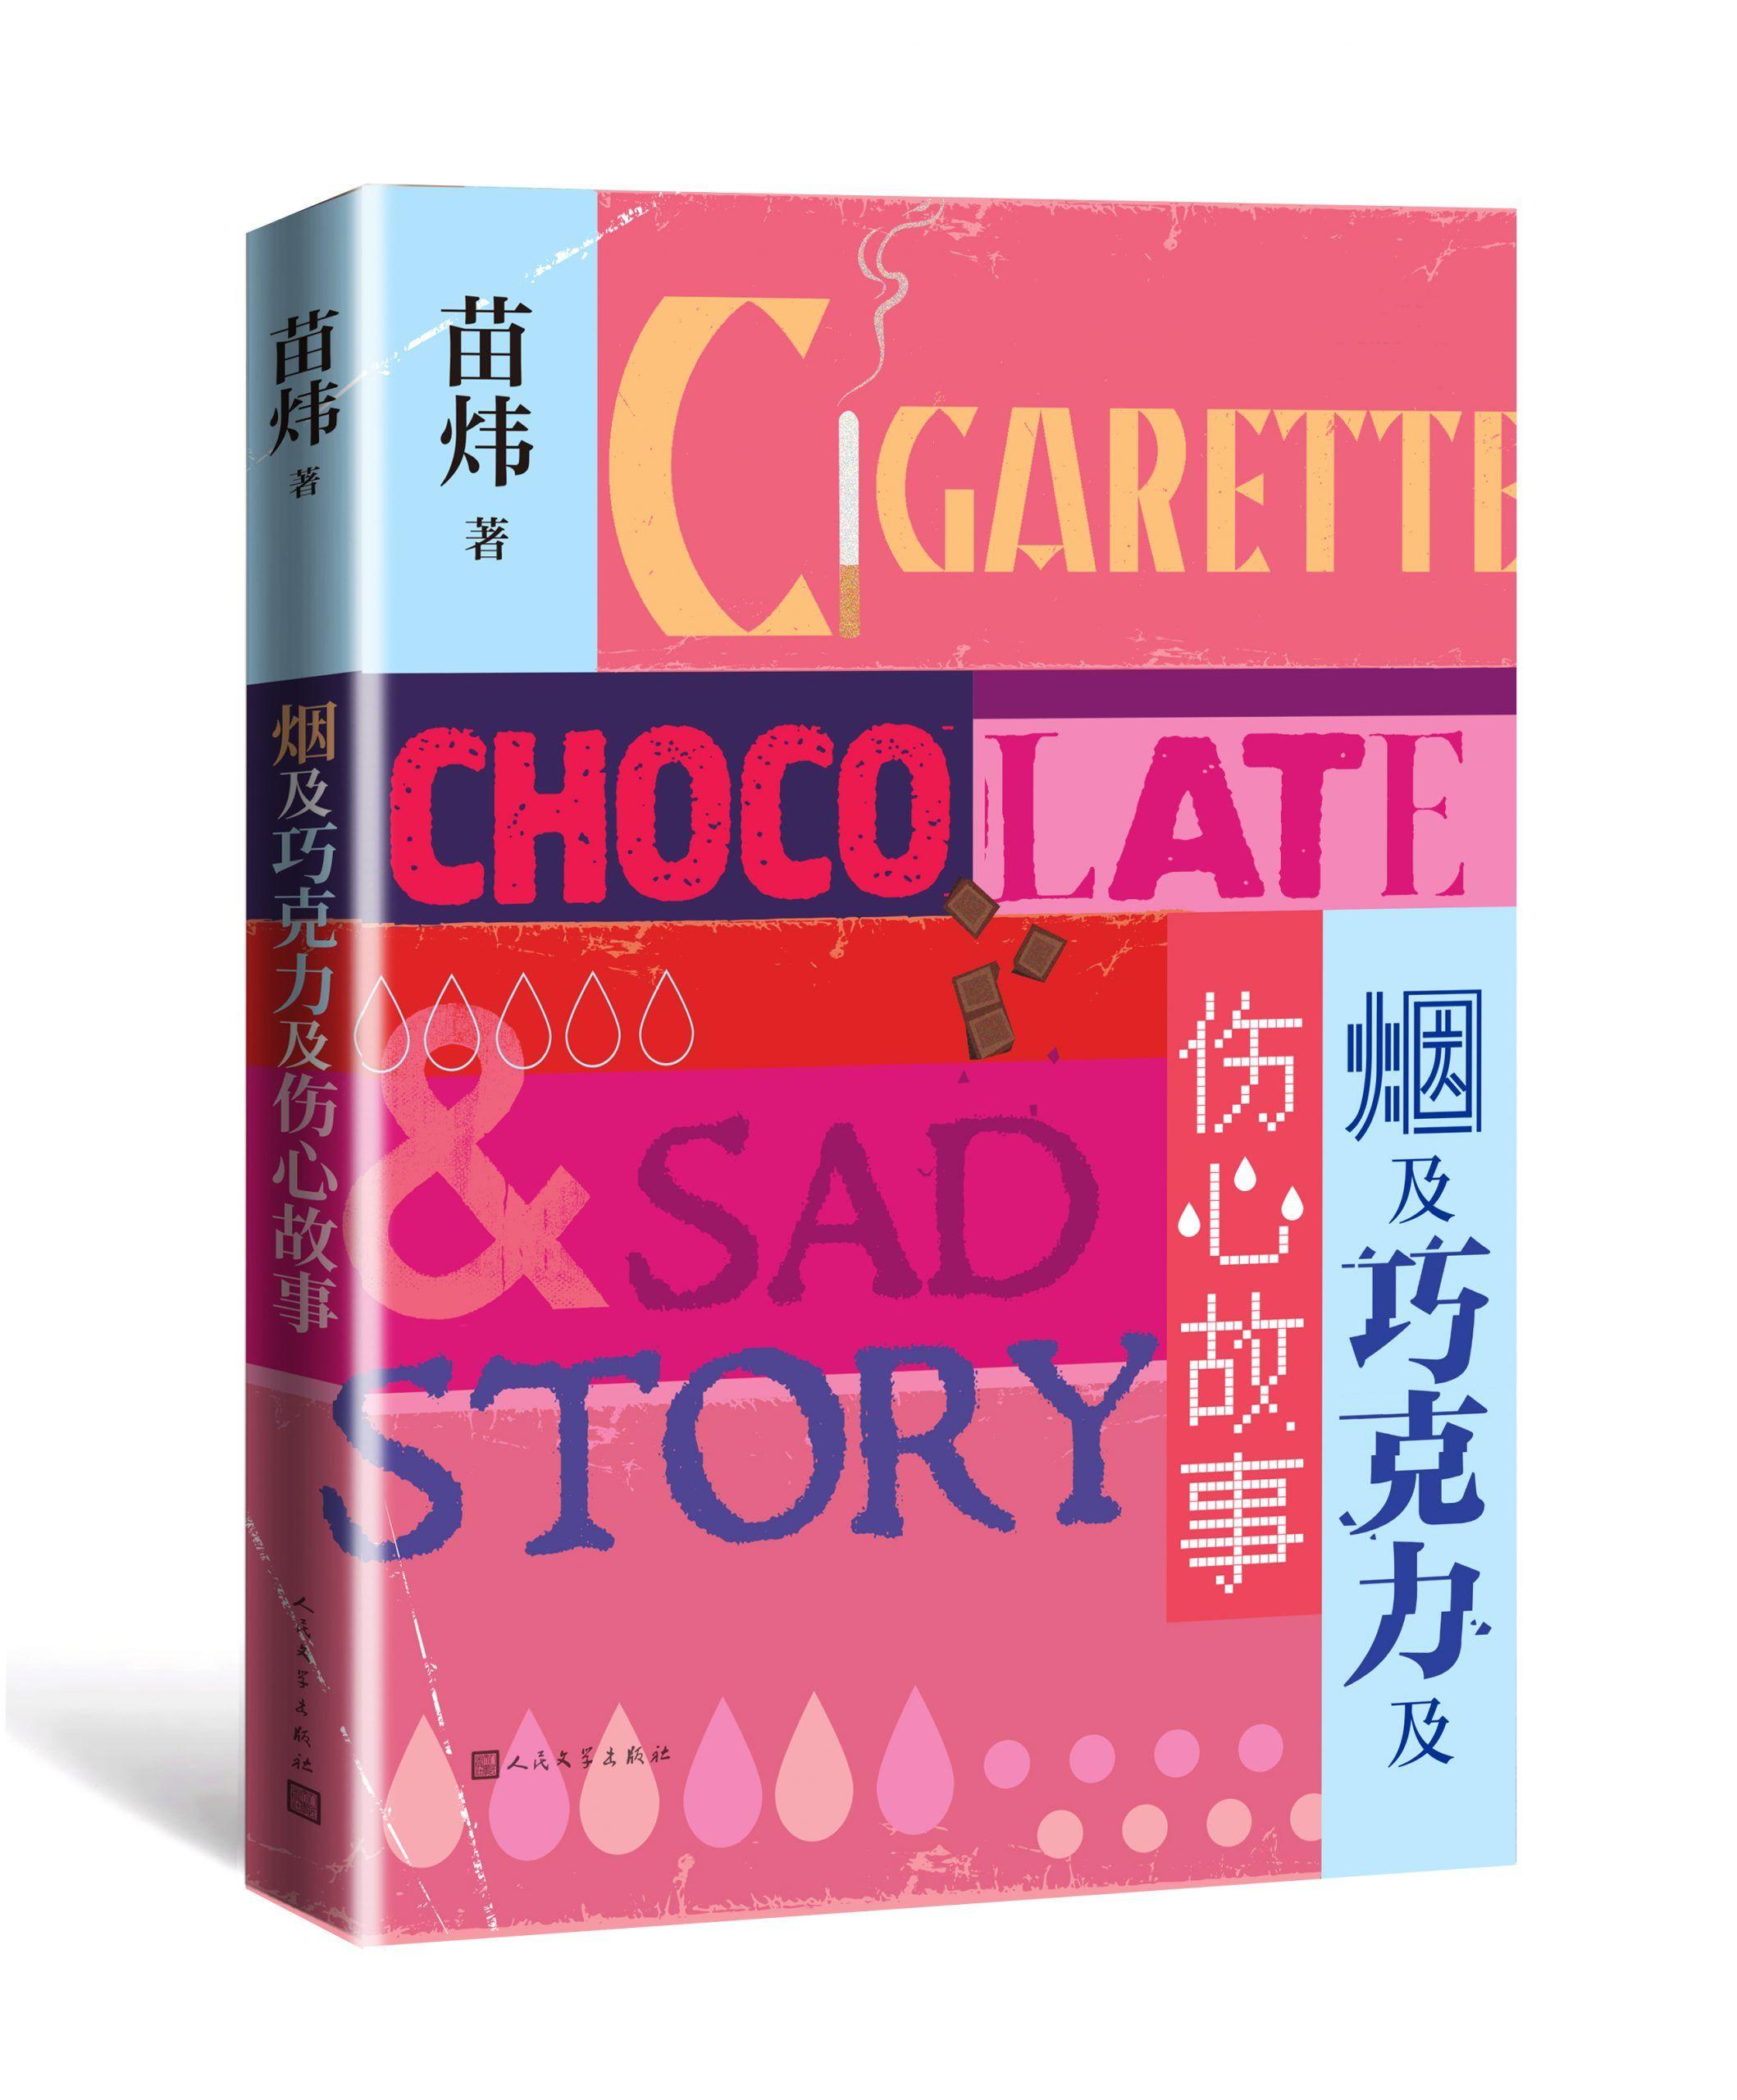 苗炜新作《烟及巧克力及伤心故事》由人文社出版,剖析都市中产光鲜背后的故事